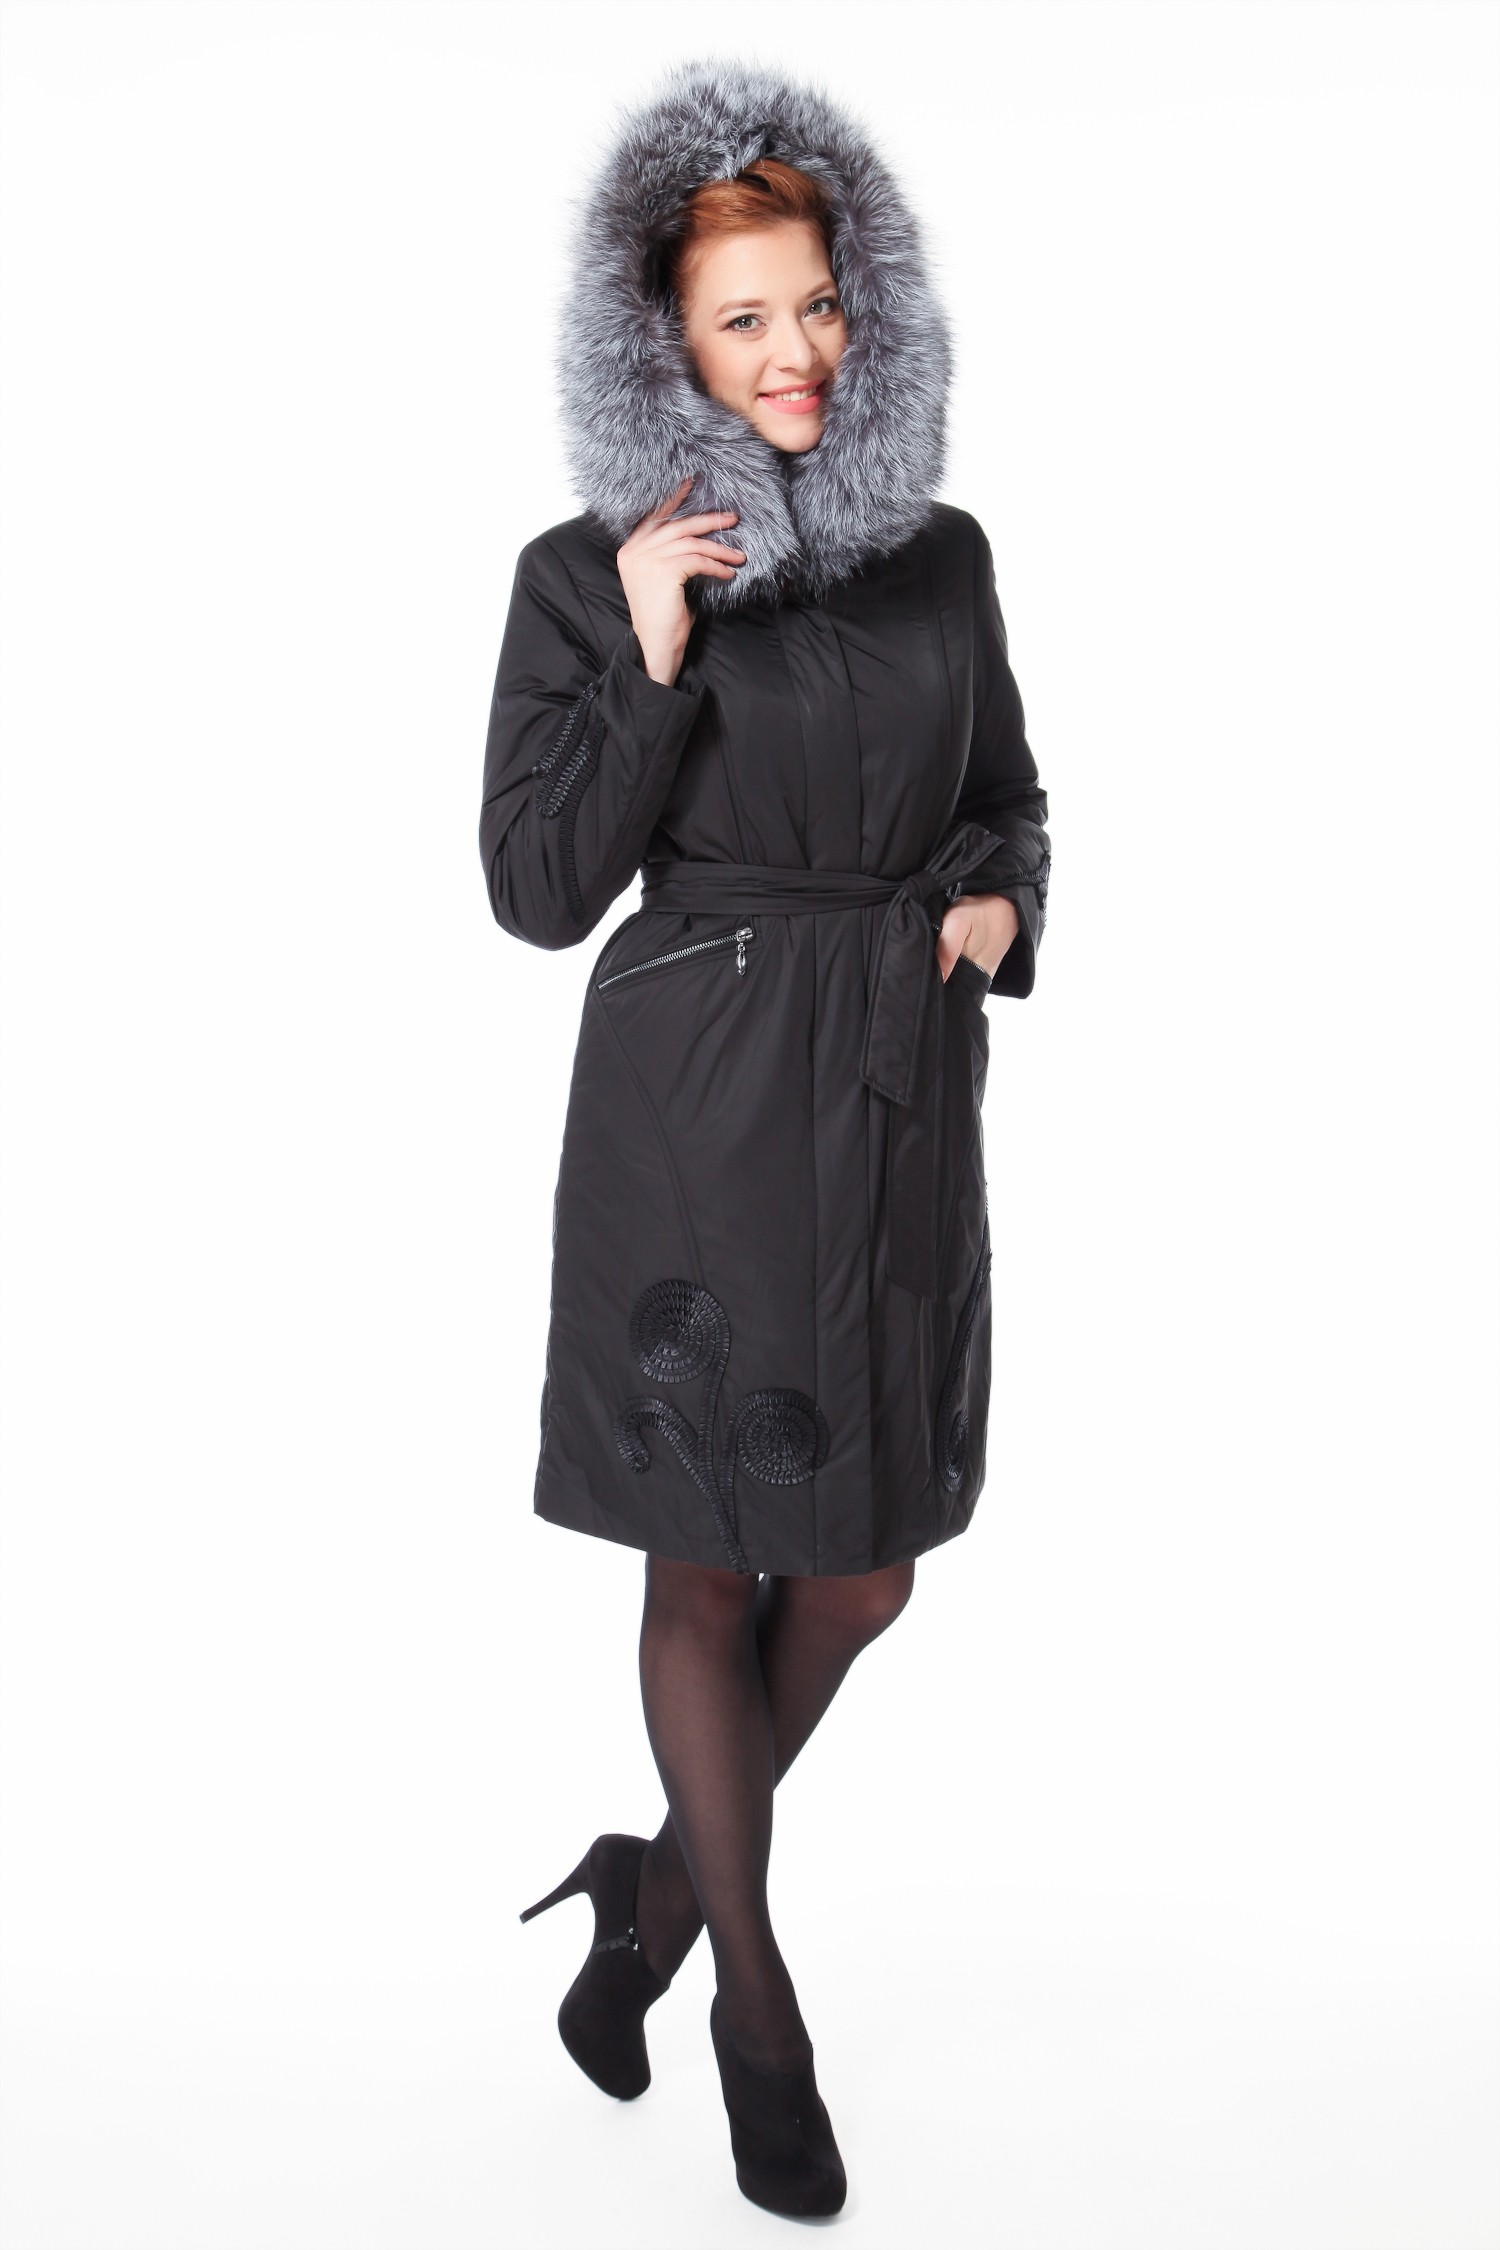 Пальто на меху с капюшоном, отделка чернобурка от Московская Меховая Компания